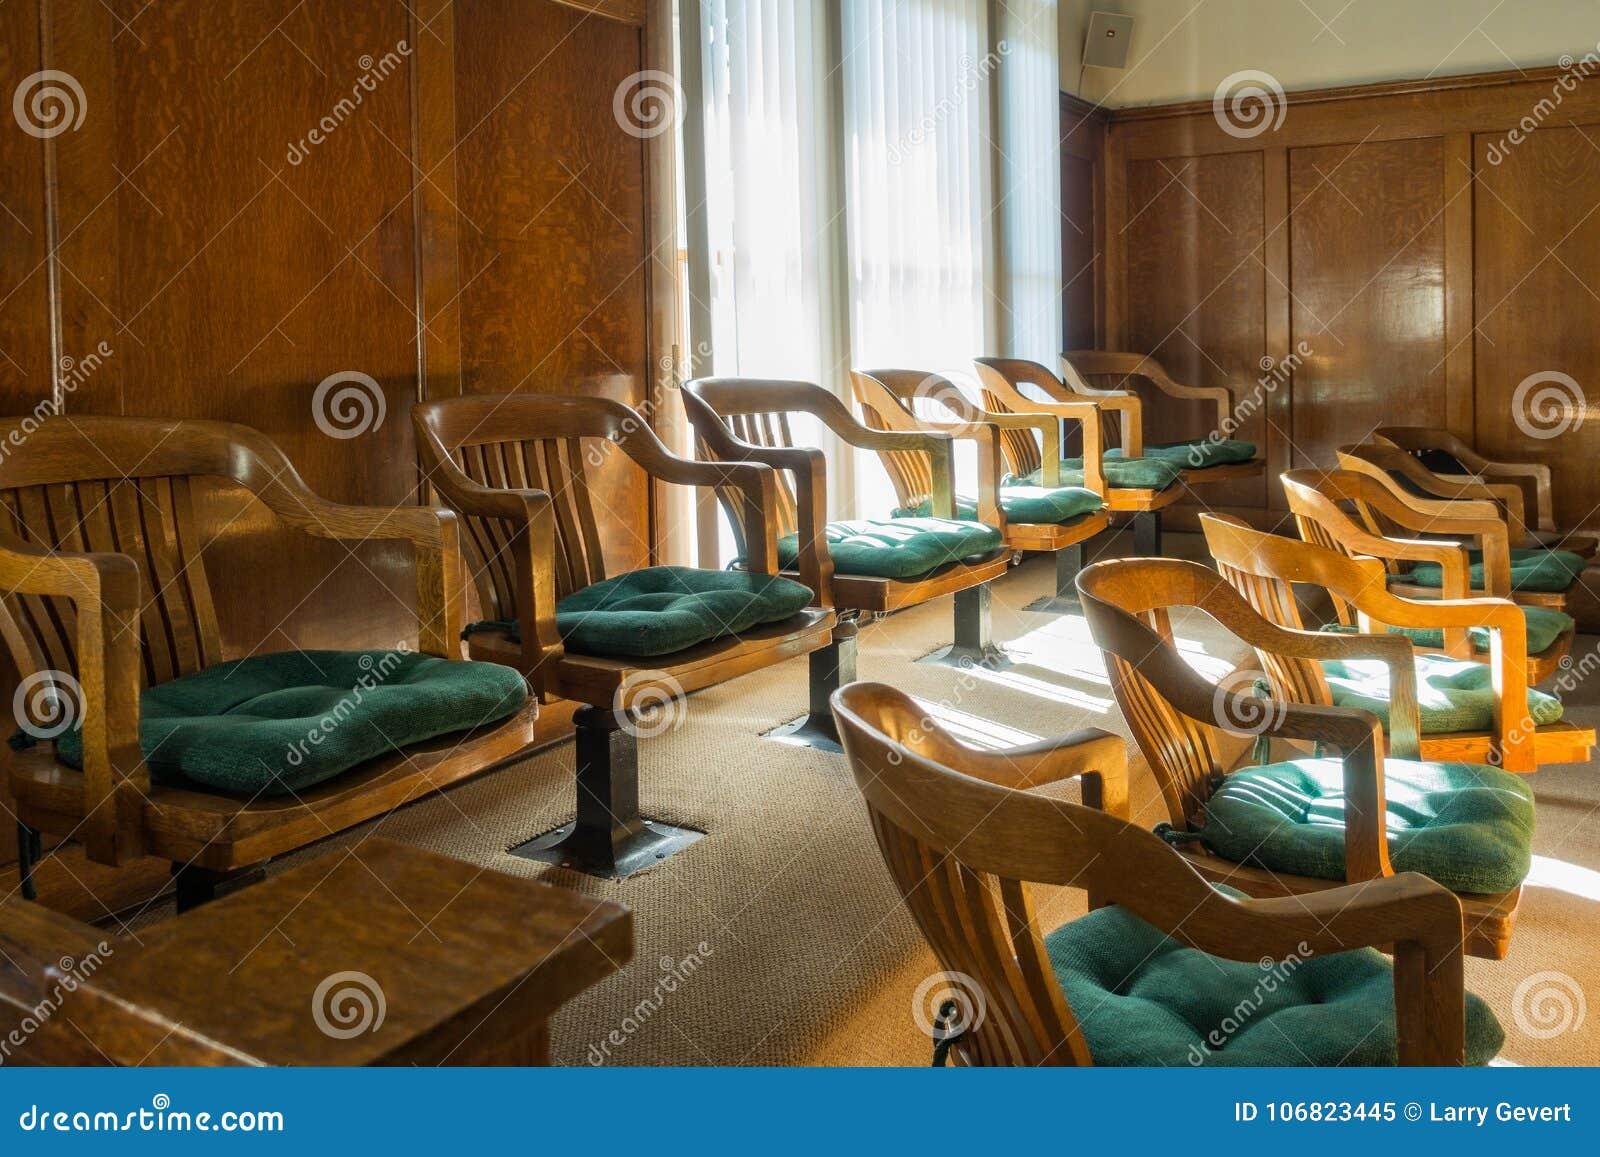 Jurybank